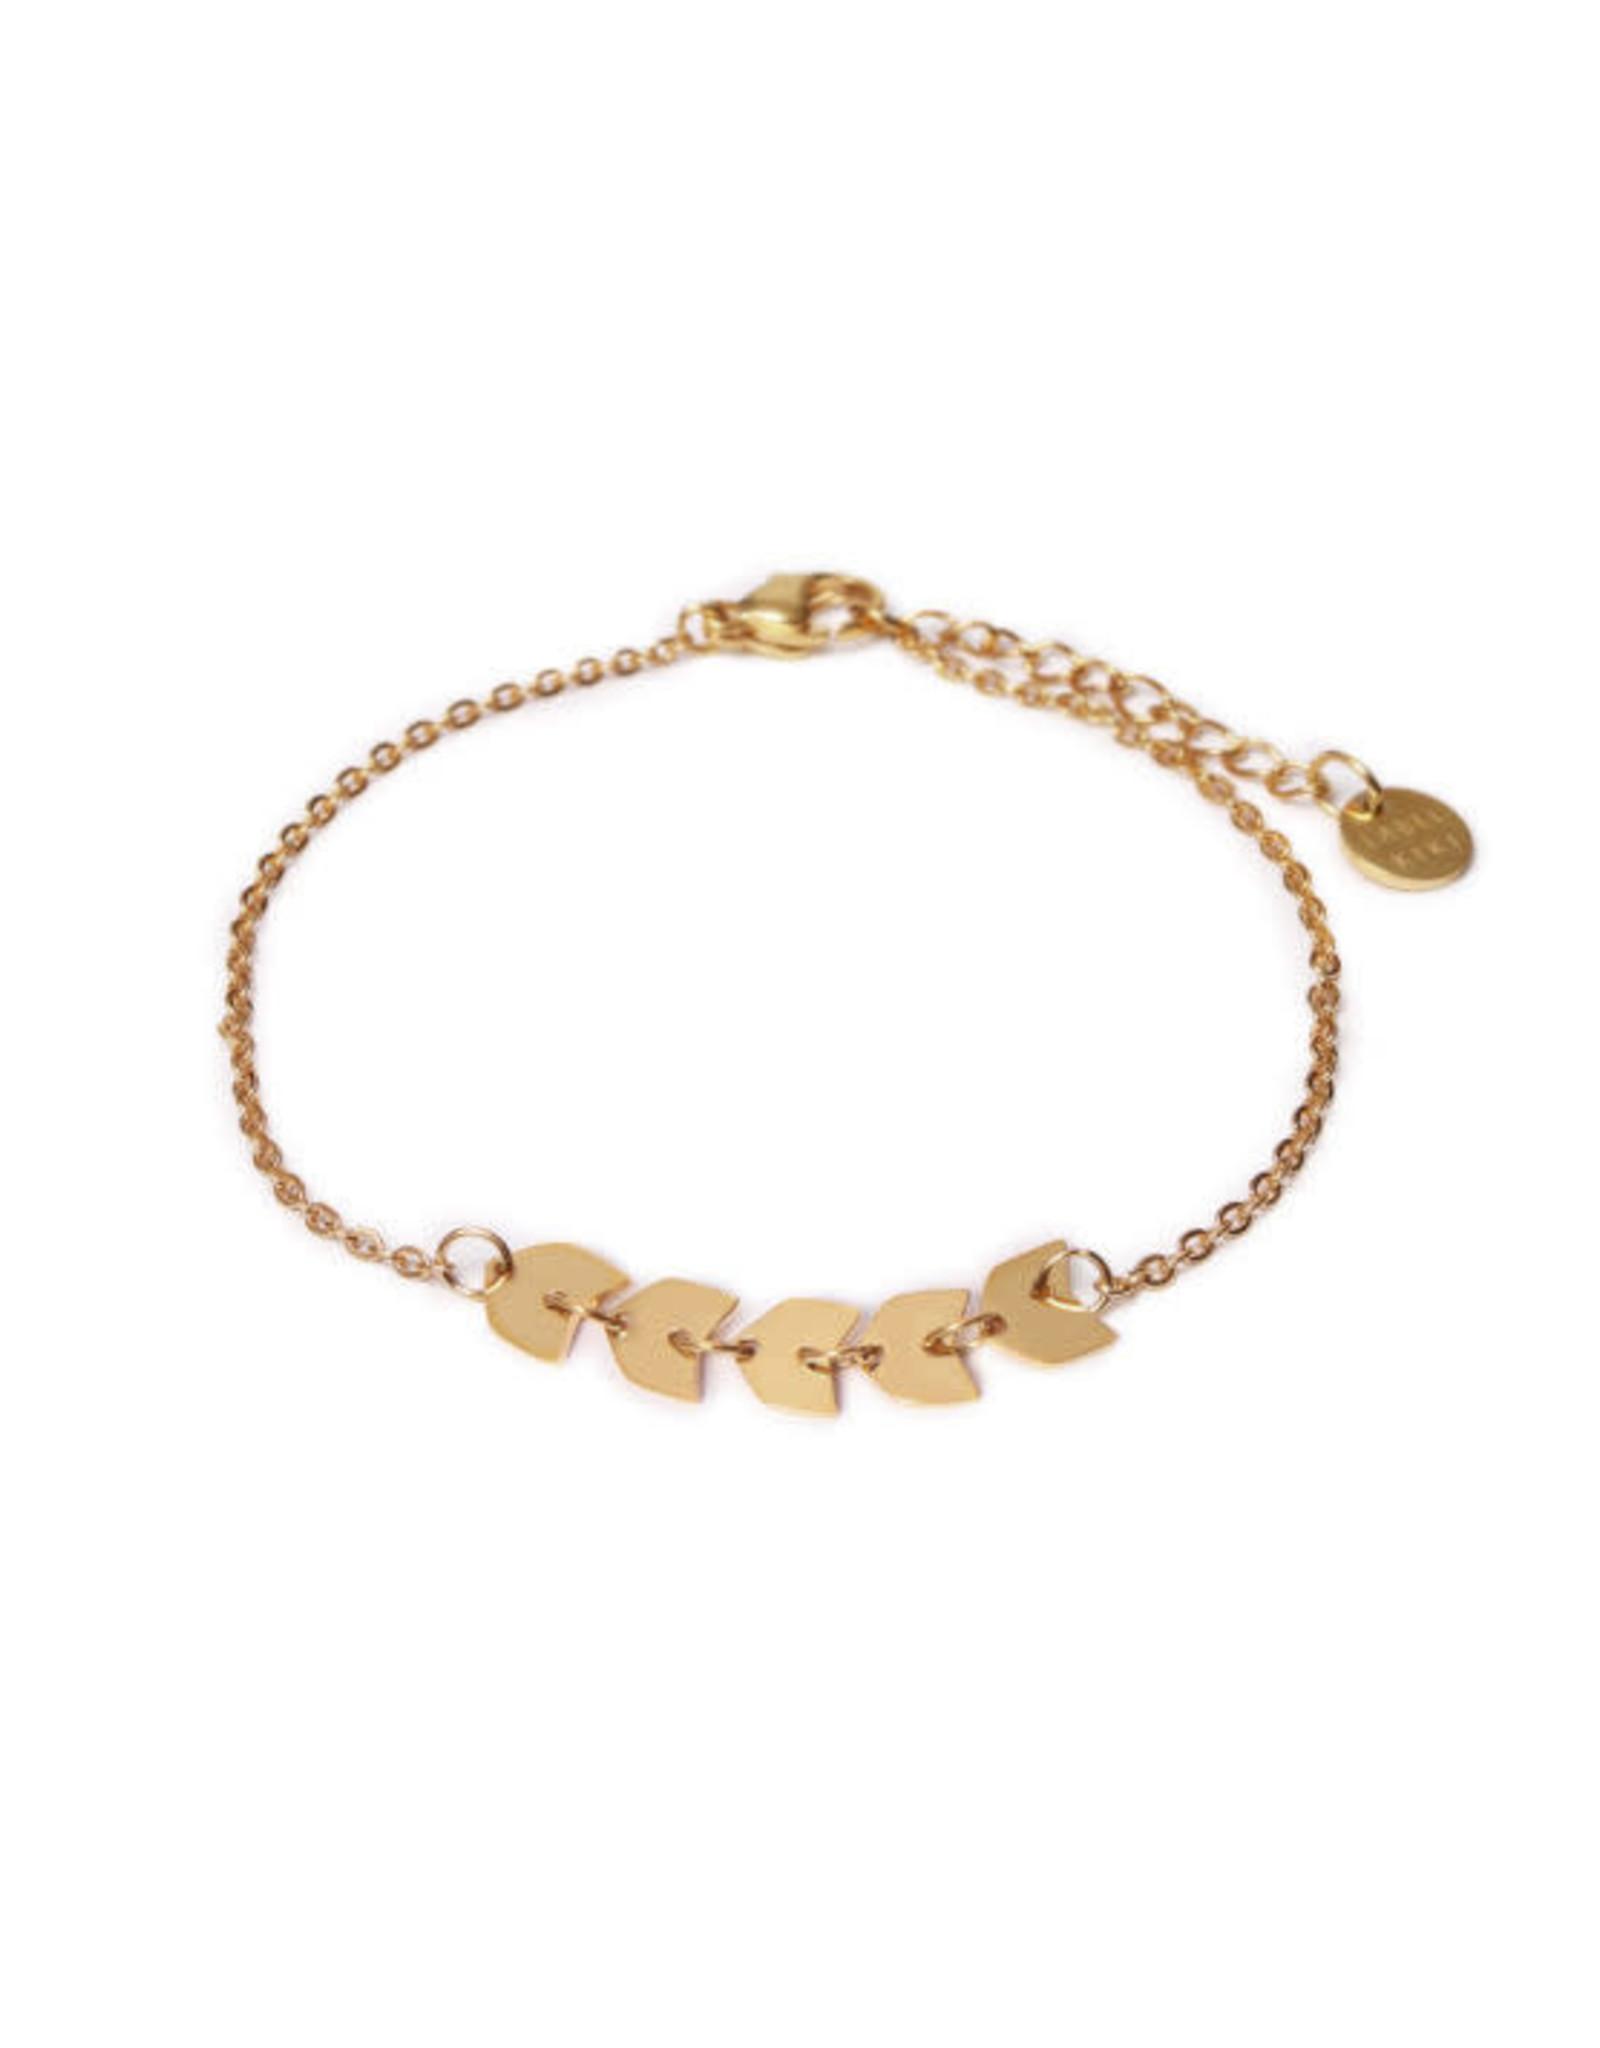 Label kiki label kiki bracelet fishbone gold